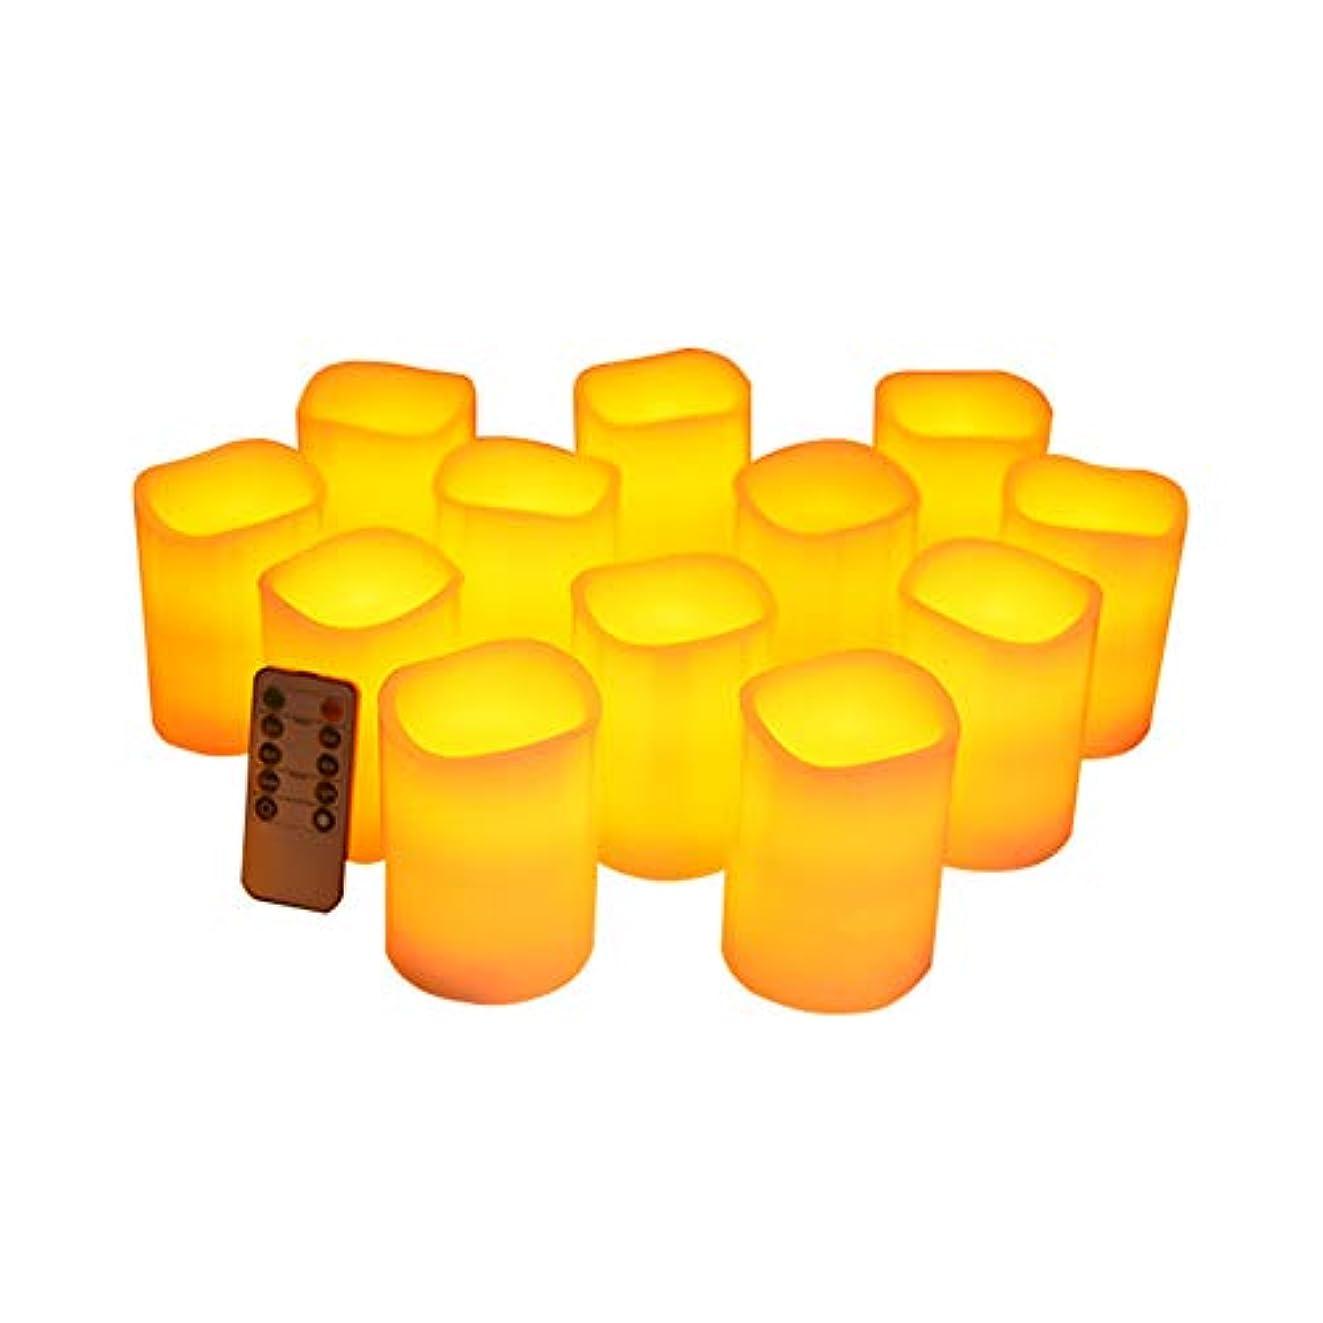 分離支配する解き明かすフレームレスキャンドルフリッカーLED柱リアルキャンドルリモコン付きサイクリングタイマー電気キャンドル12個セット